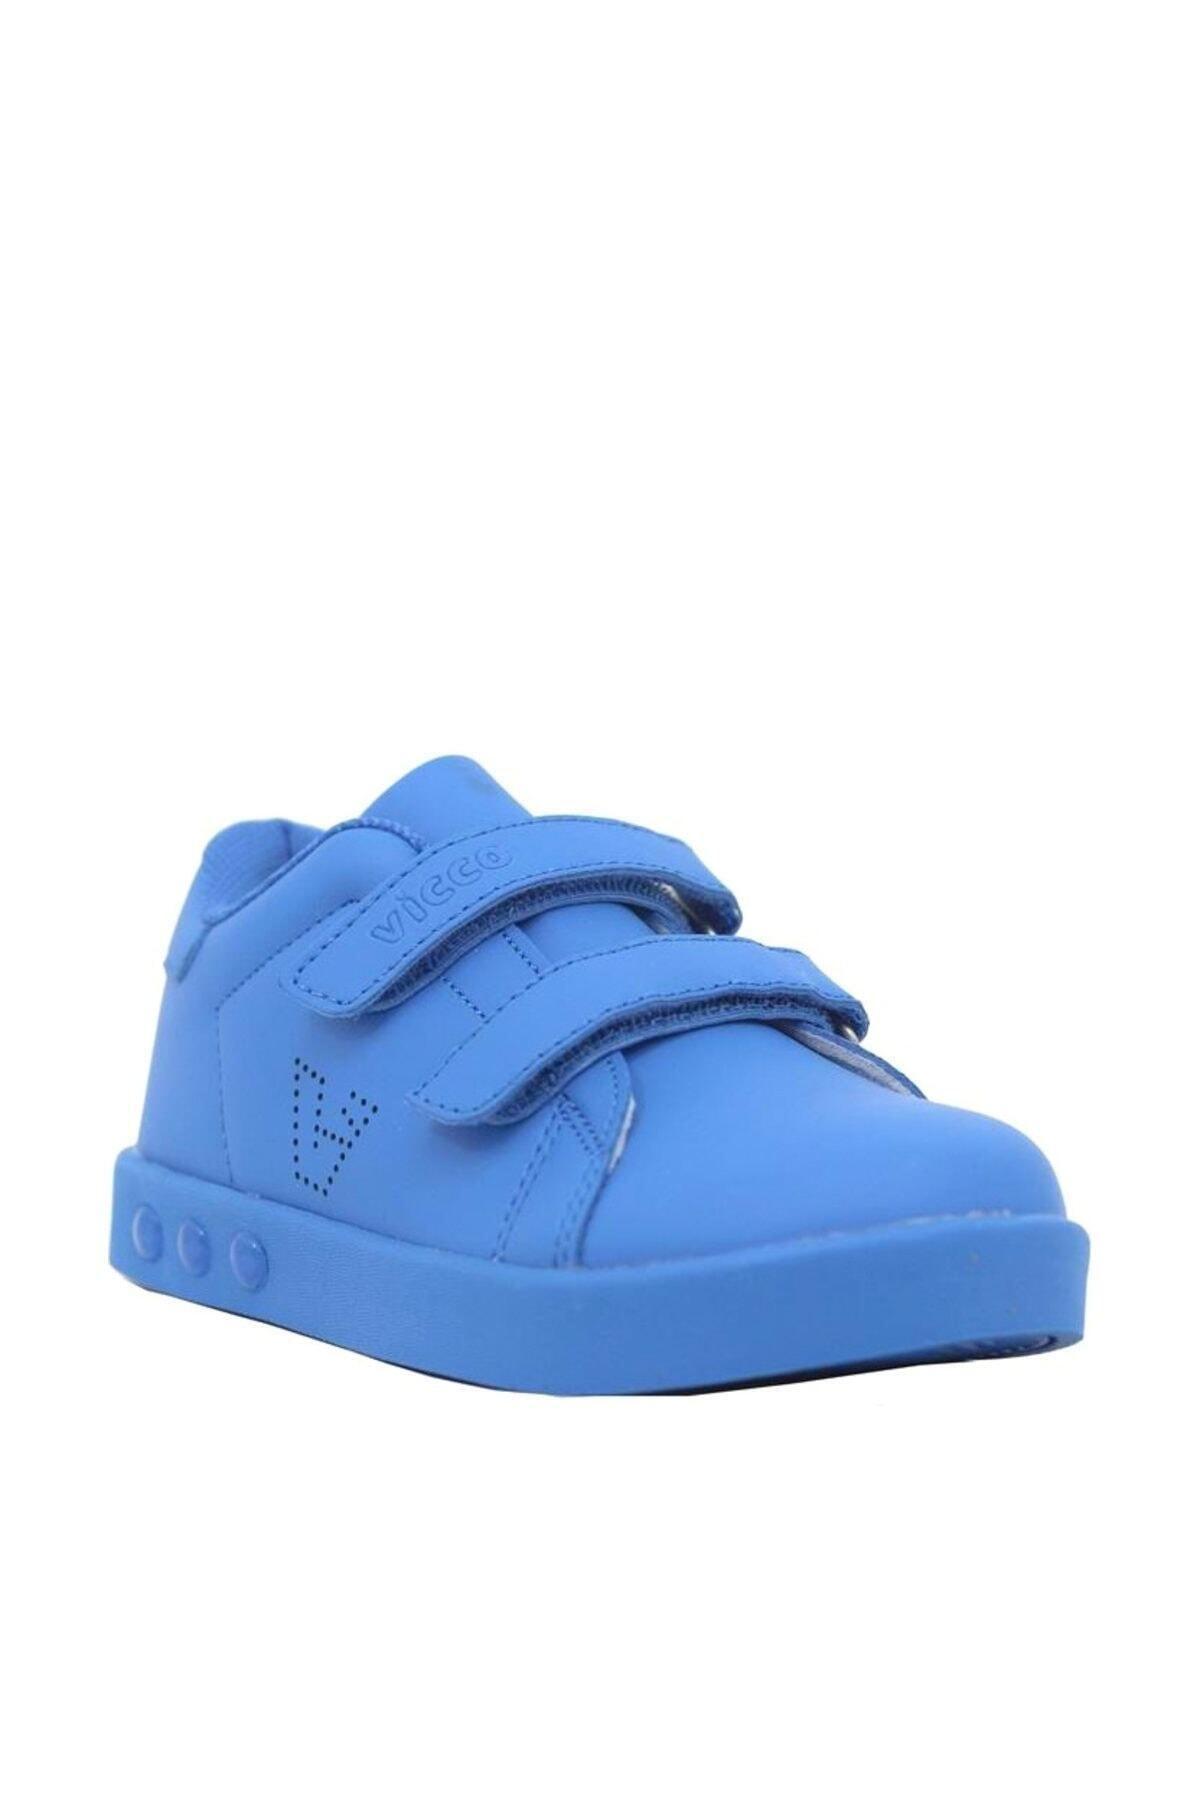 Vicco 313.P19K.100-05 Lacivert Erkek Çocuk Yürüyüş Ayakkabısı 100578852 2